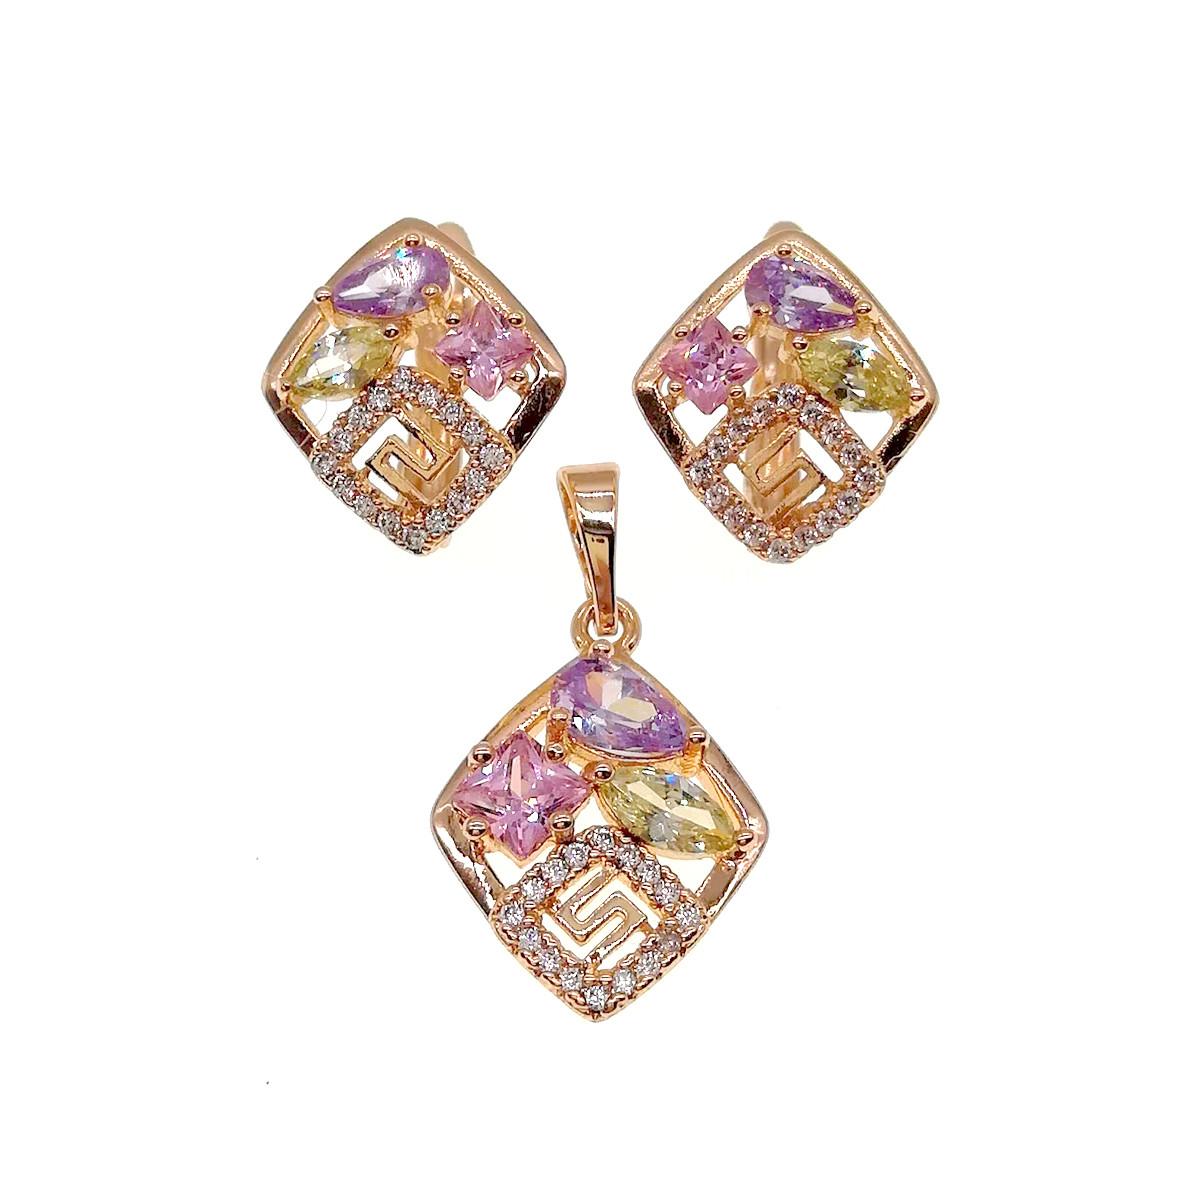 Комплект украшений (Серьги + подвеска), фиолетовые, розовые и оливковые фианиты, позолота 18К, 73609       (1)